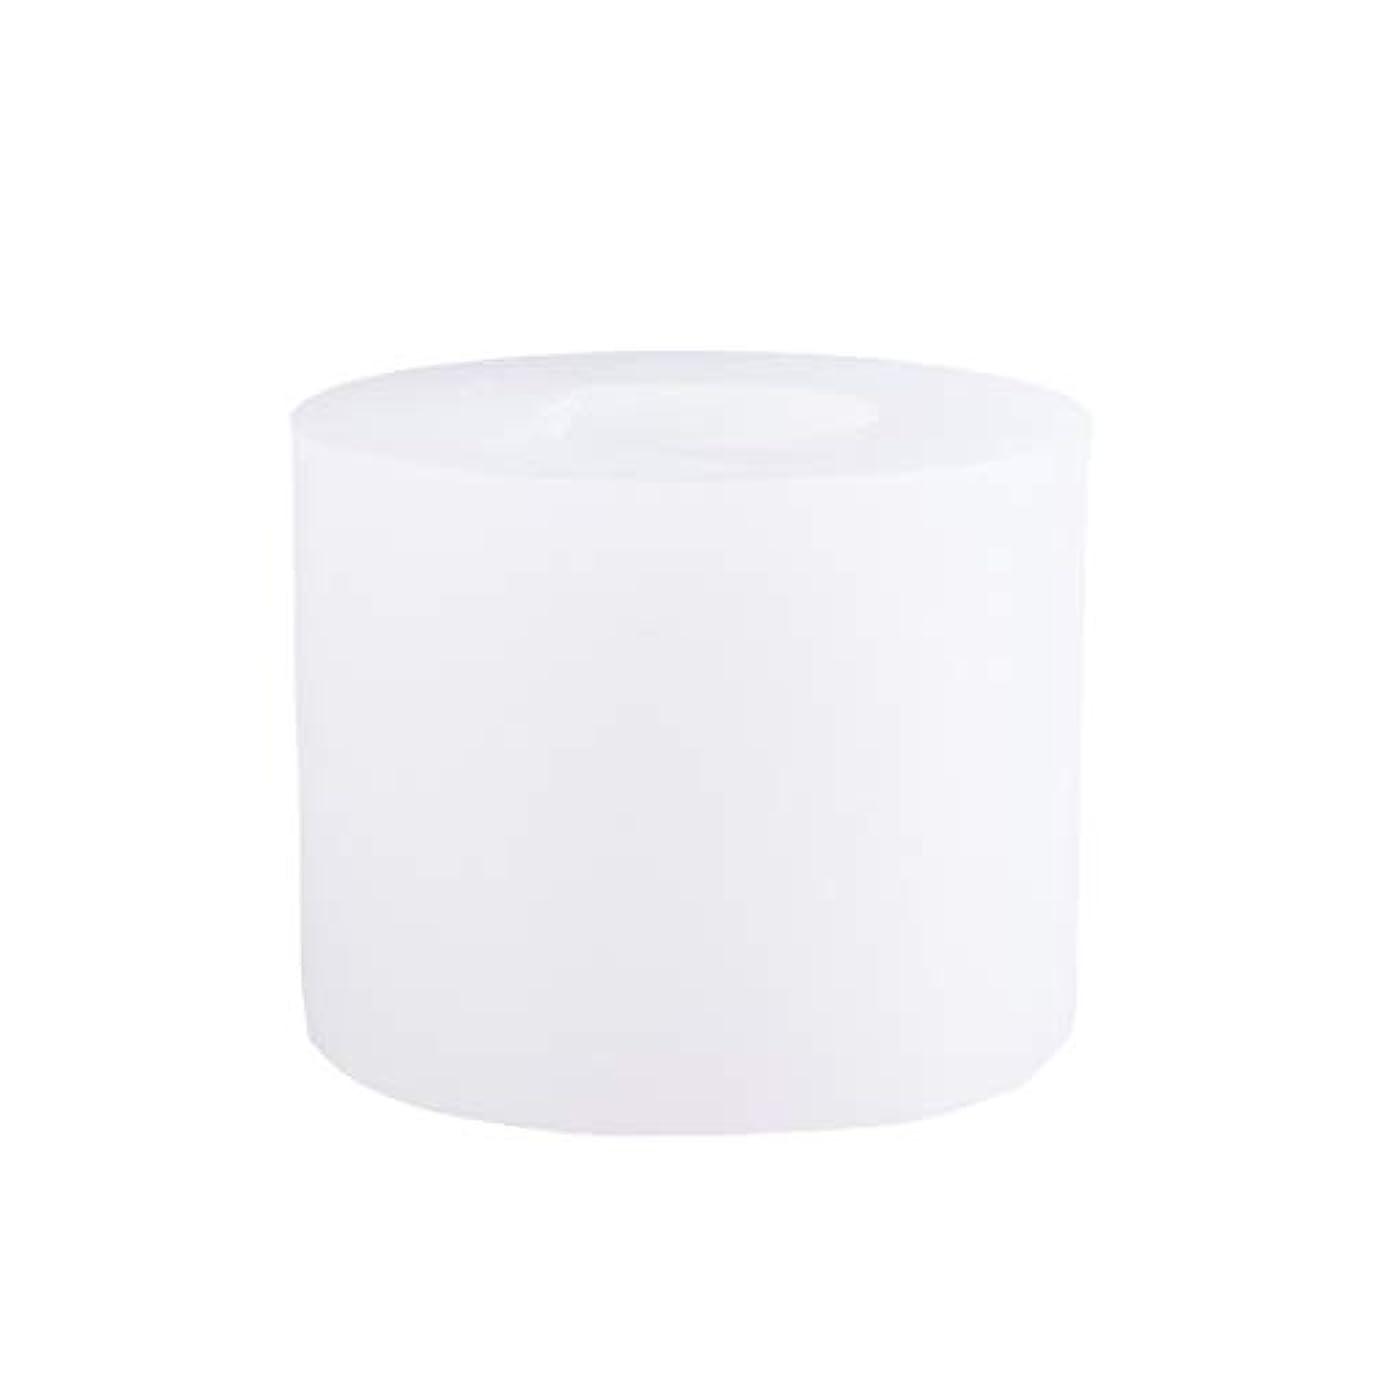 効果的に湿った効果的にSUPVOX 3Dシリコーンの香料入りの蝋燭型DIYの技術はフォンダンケーキ型を形成します